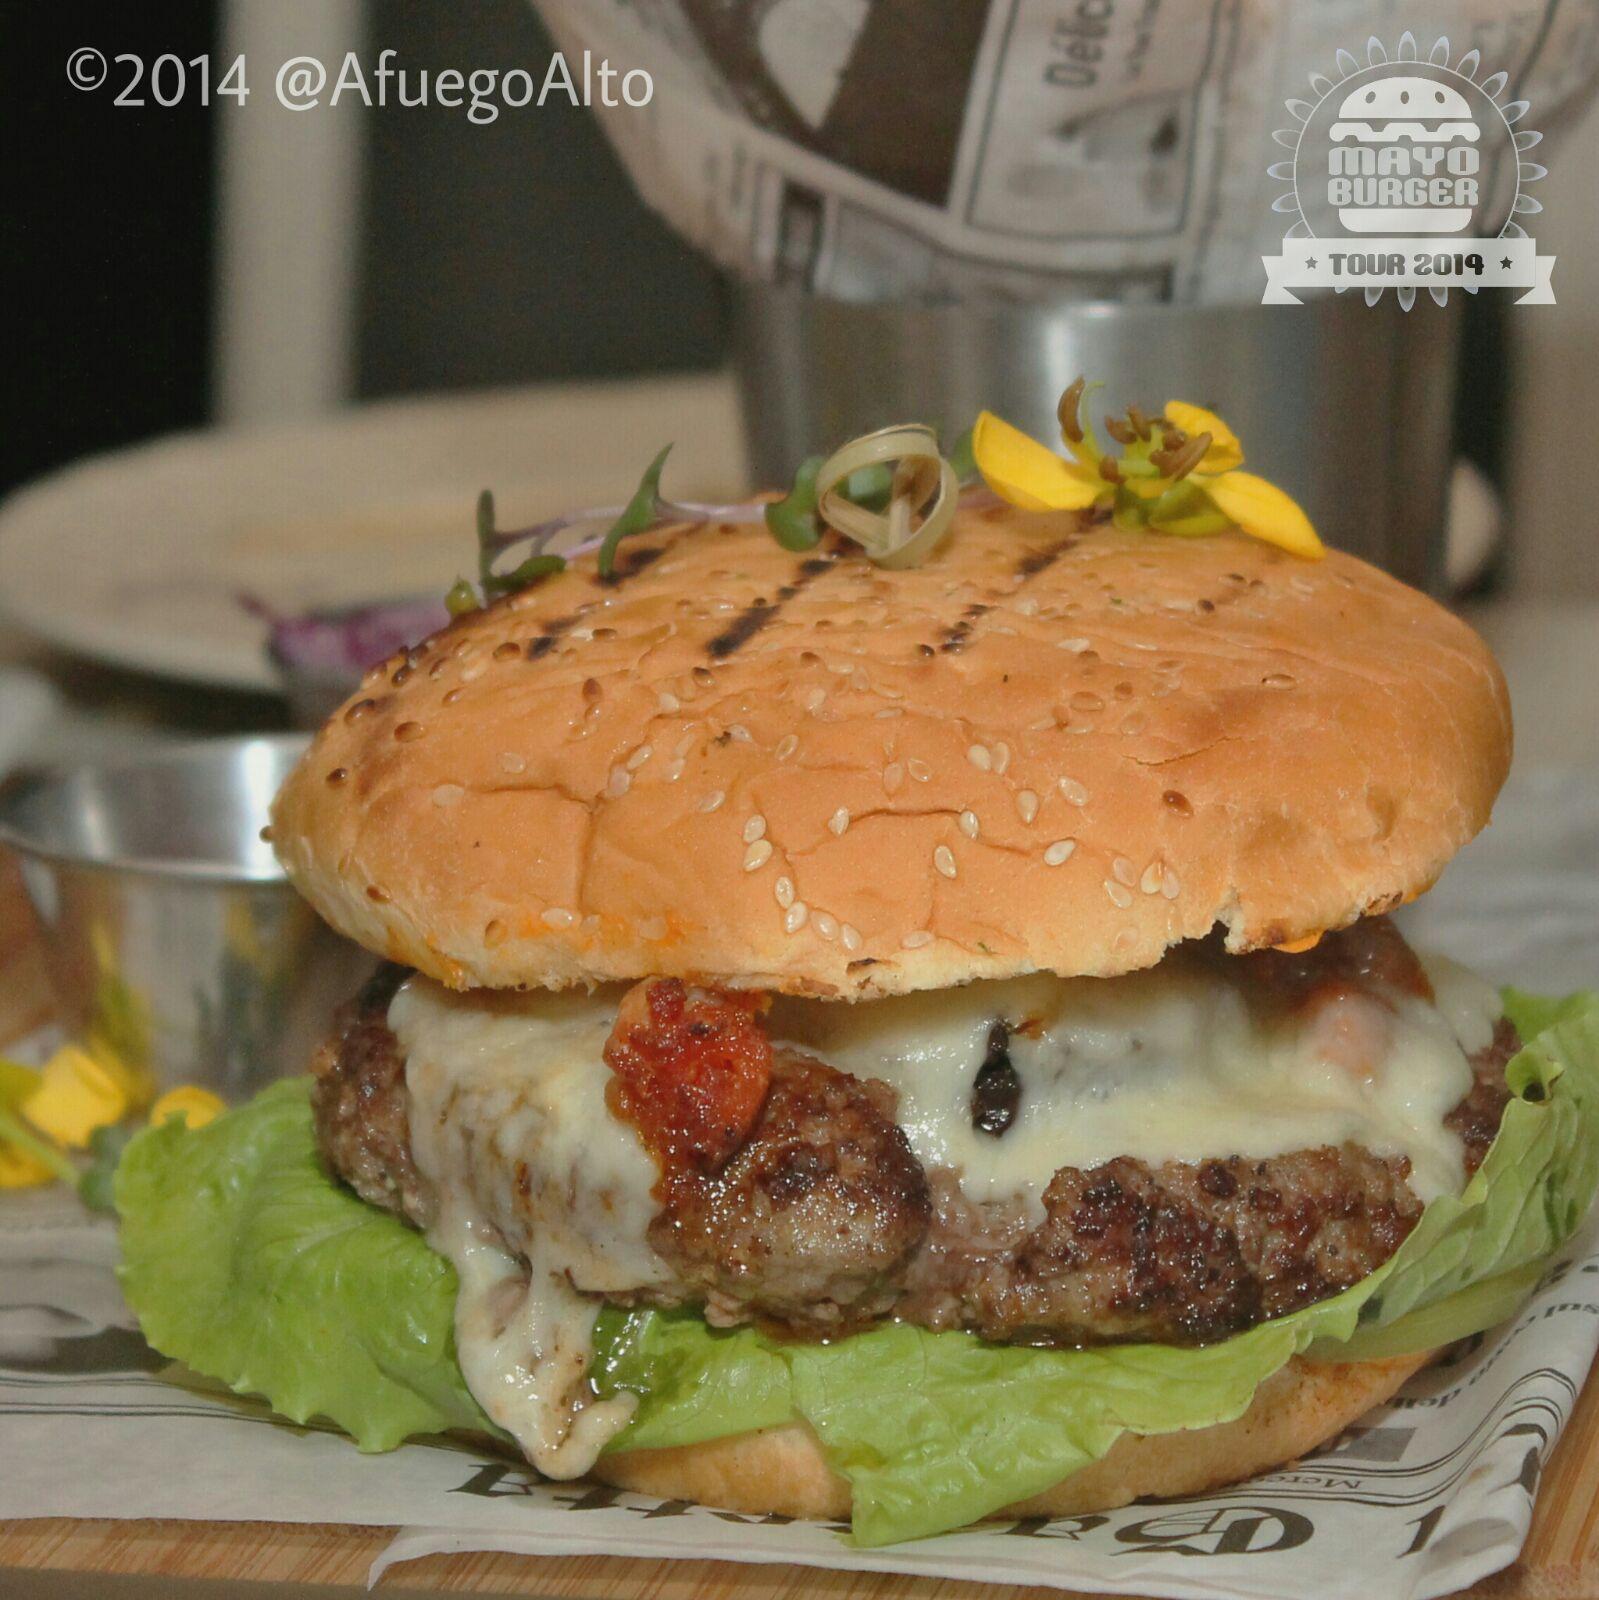 Burgos Burger del restaurante Colatte. Ganadora en la categoría de autor en el 2014. Mayo Burger Tour y los foodies a favor de la gastronomía dominicana.